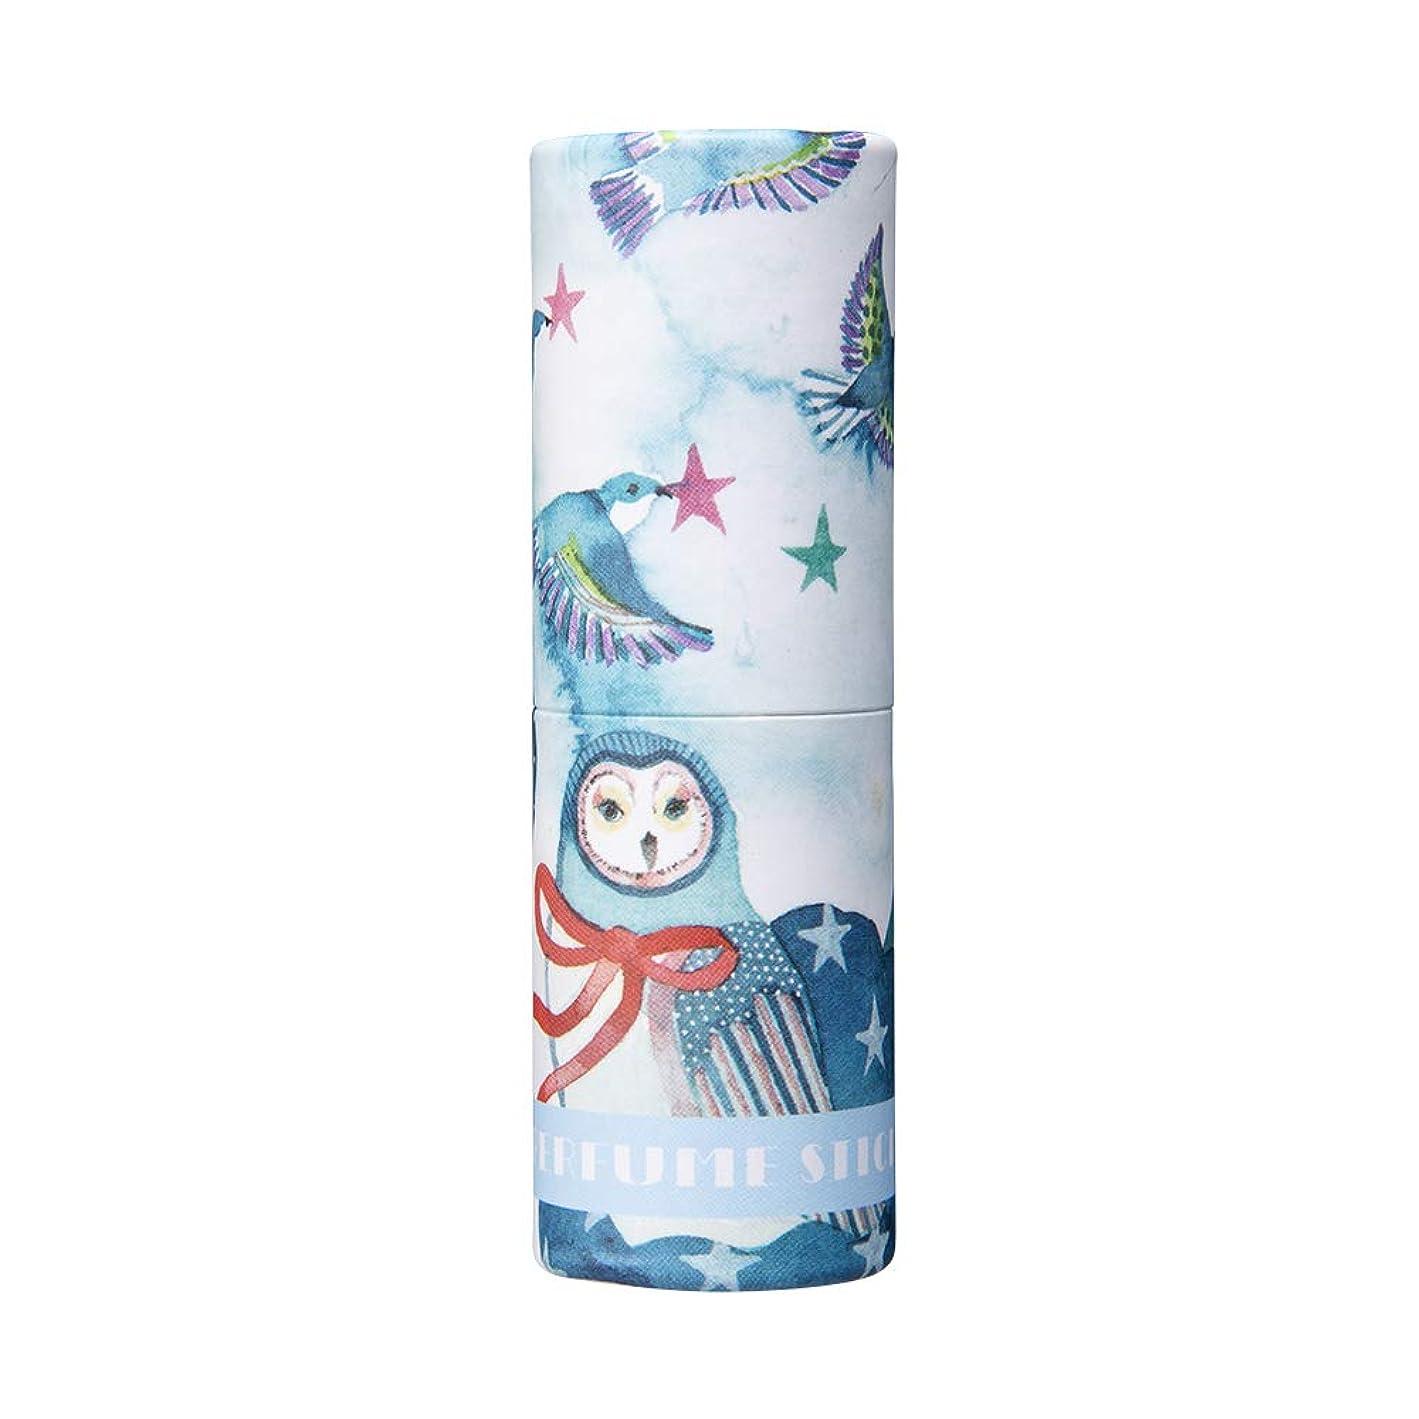 強い住居憤るパフュームスティック ウィッシュ ホワイトフラワー&シャボンの香り CatoFriendデザイン 5g